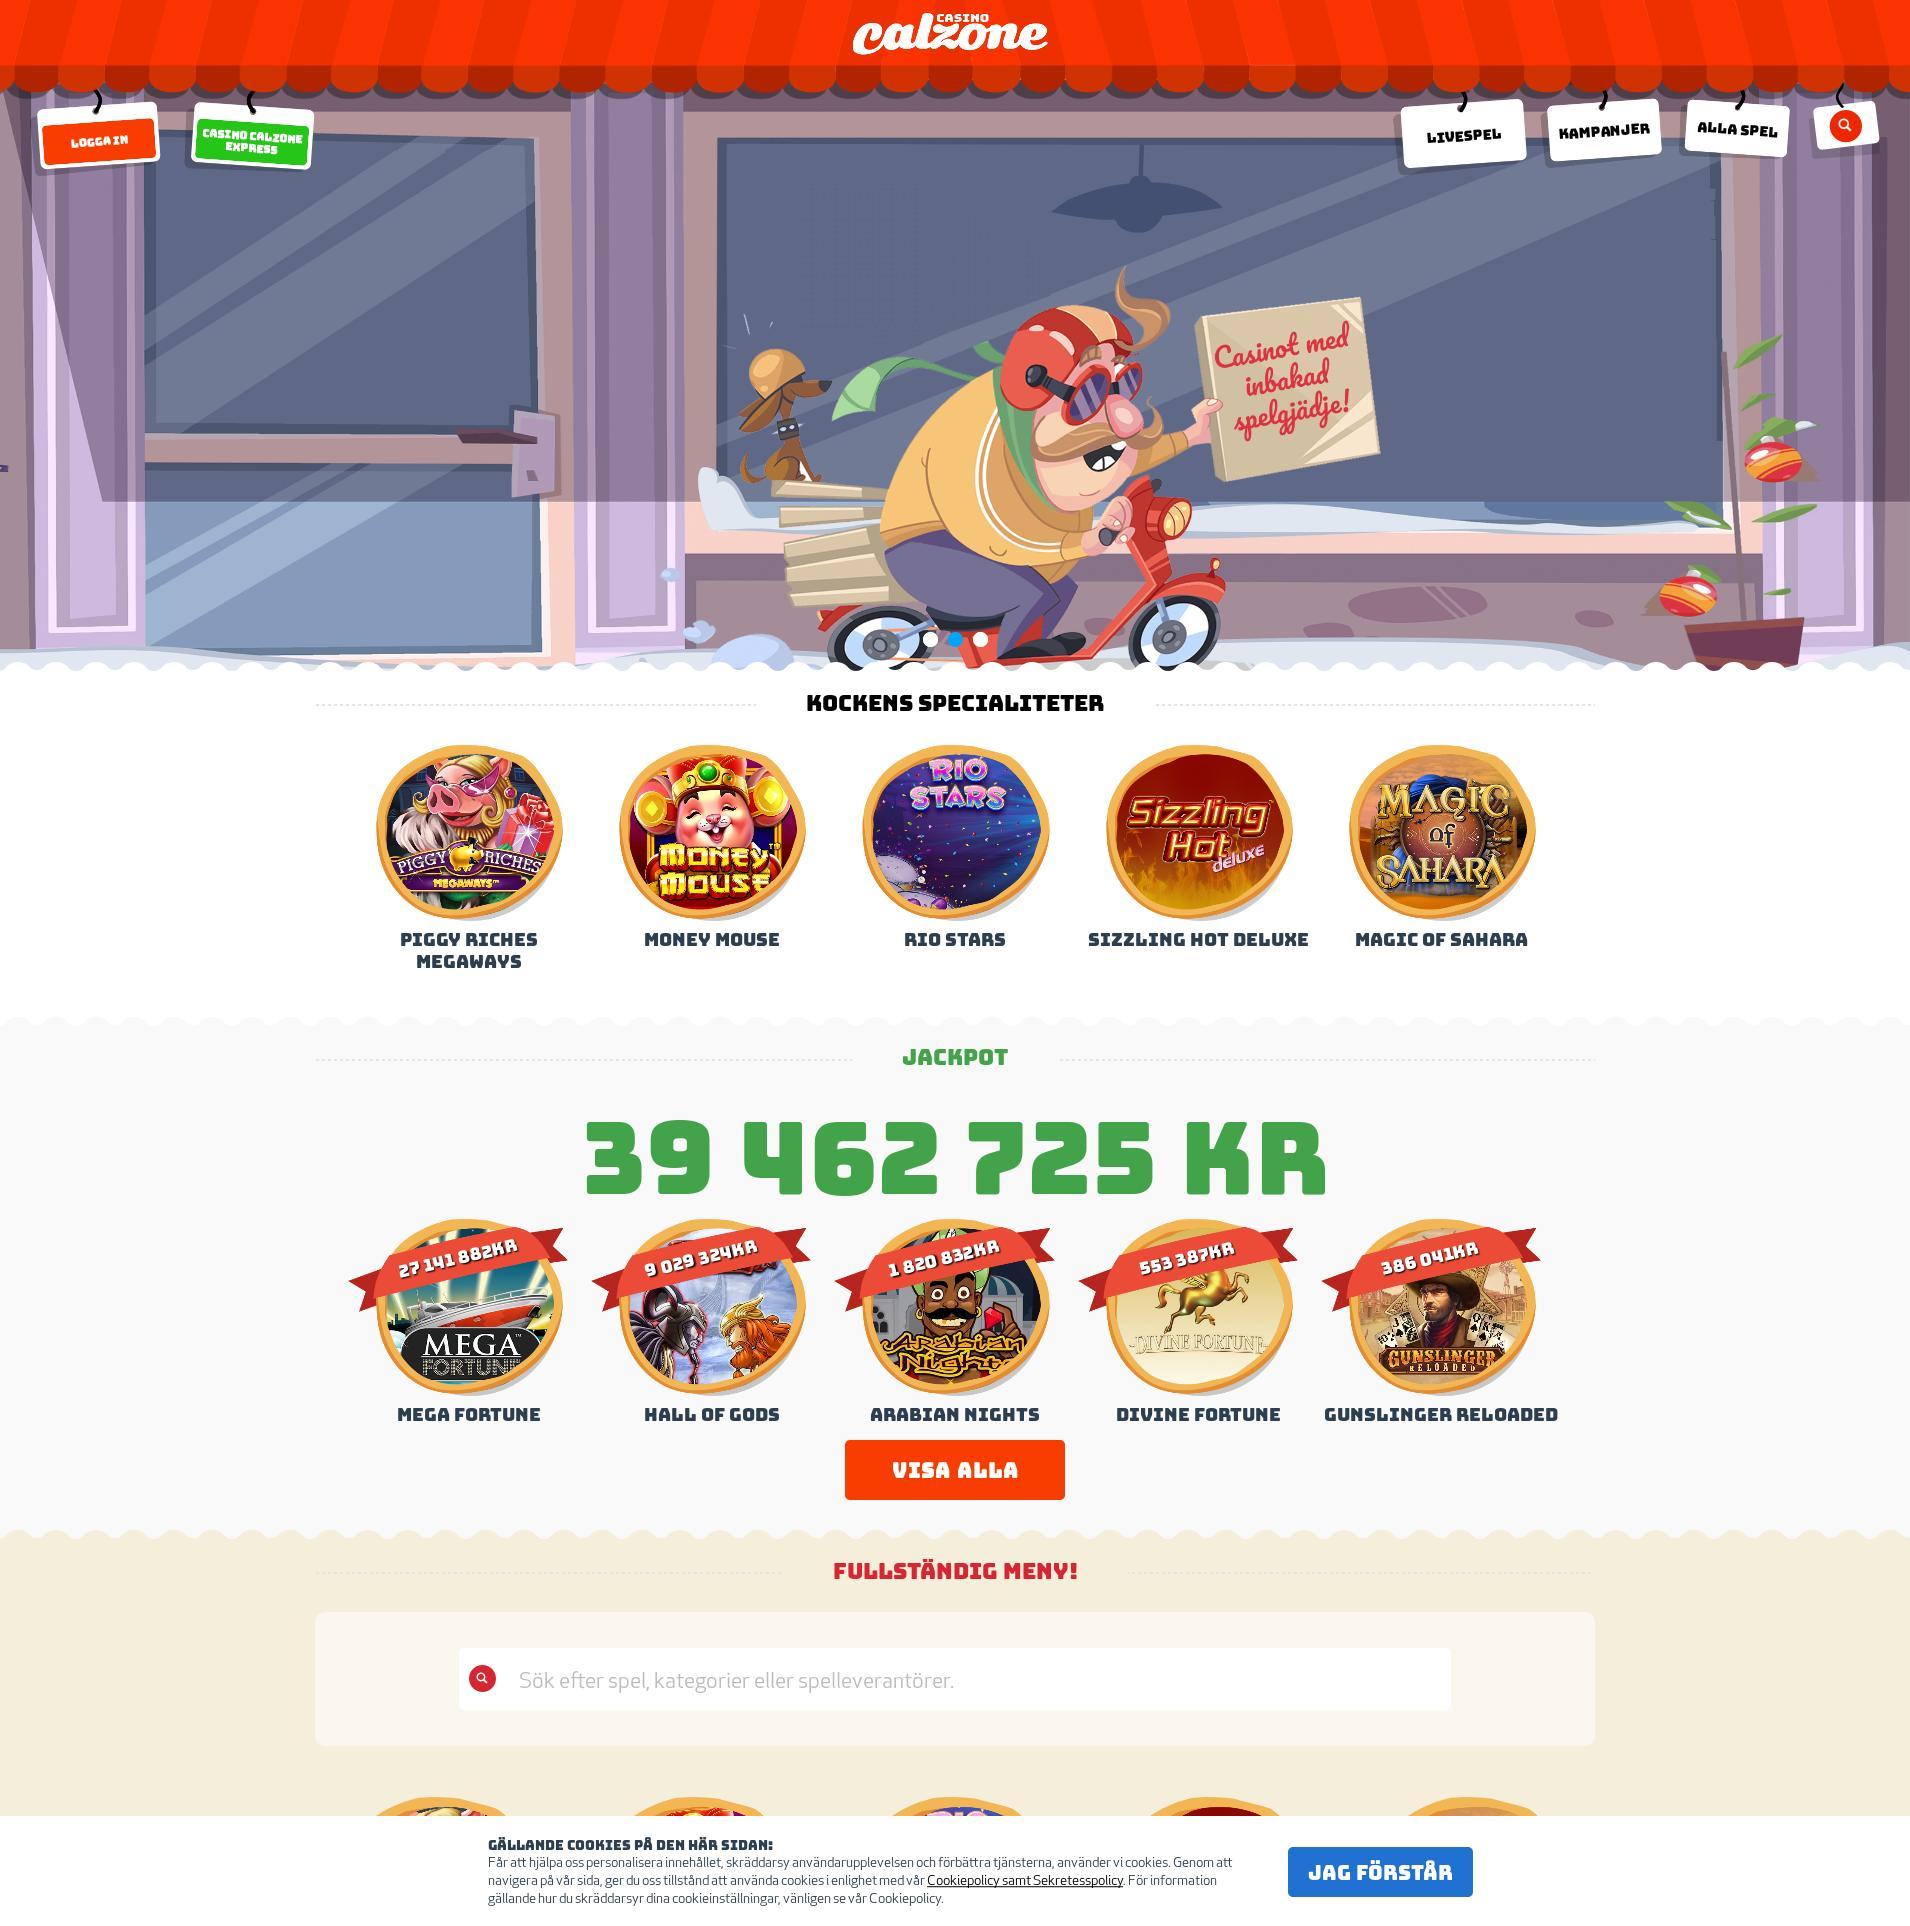 Casino skärm Lobby 2020-02-26 för Sverige